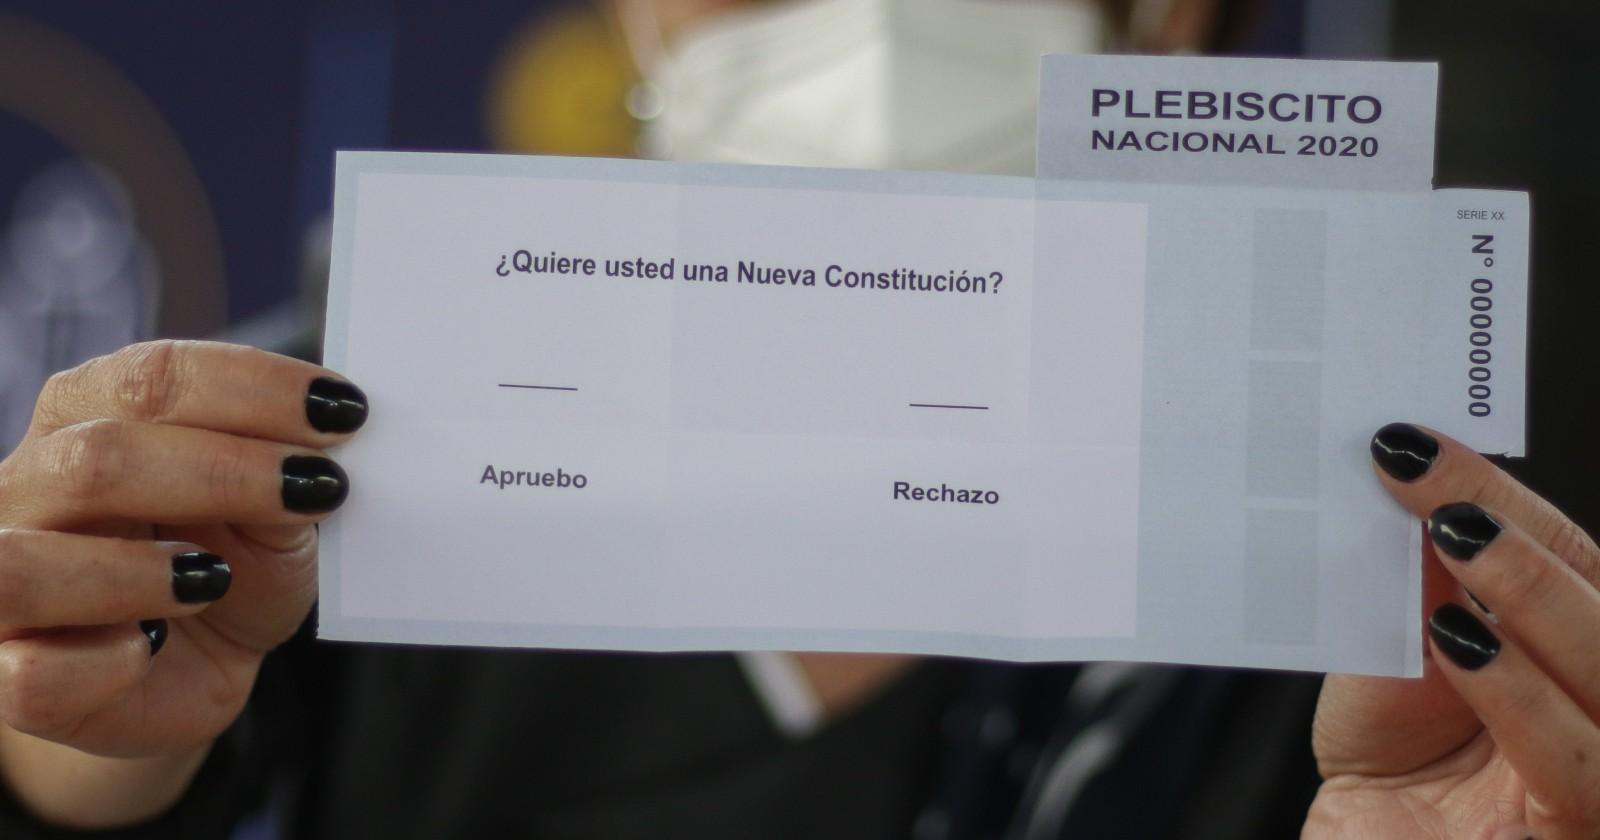 Derechos consagrados: el debate de la nueva Constitución